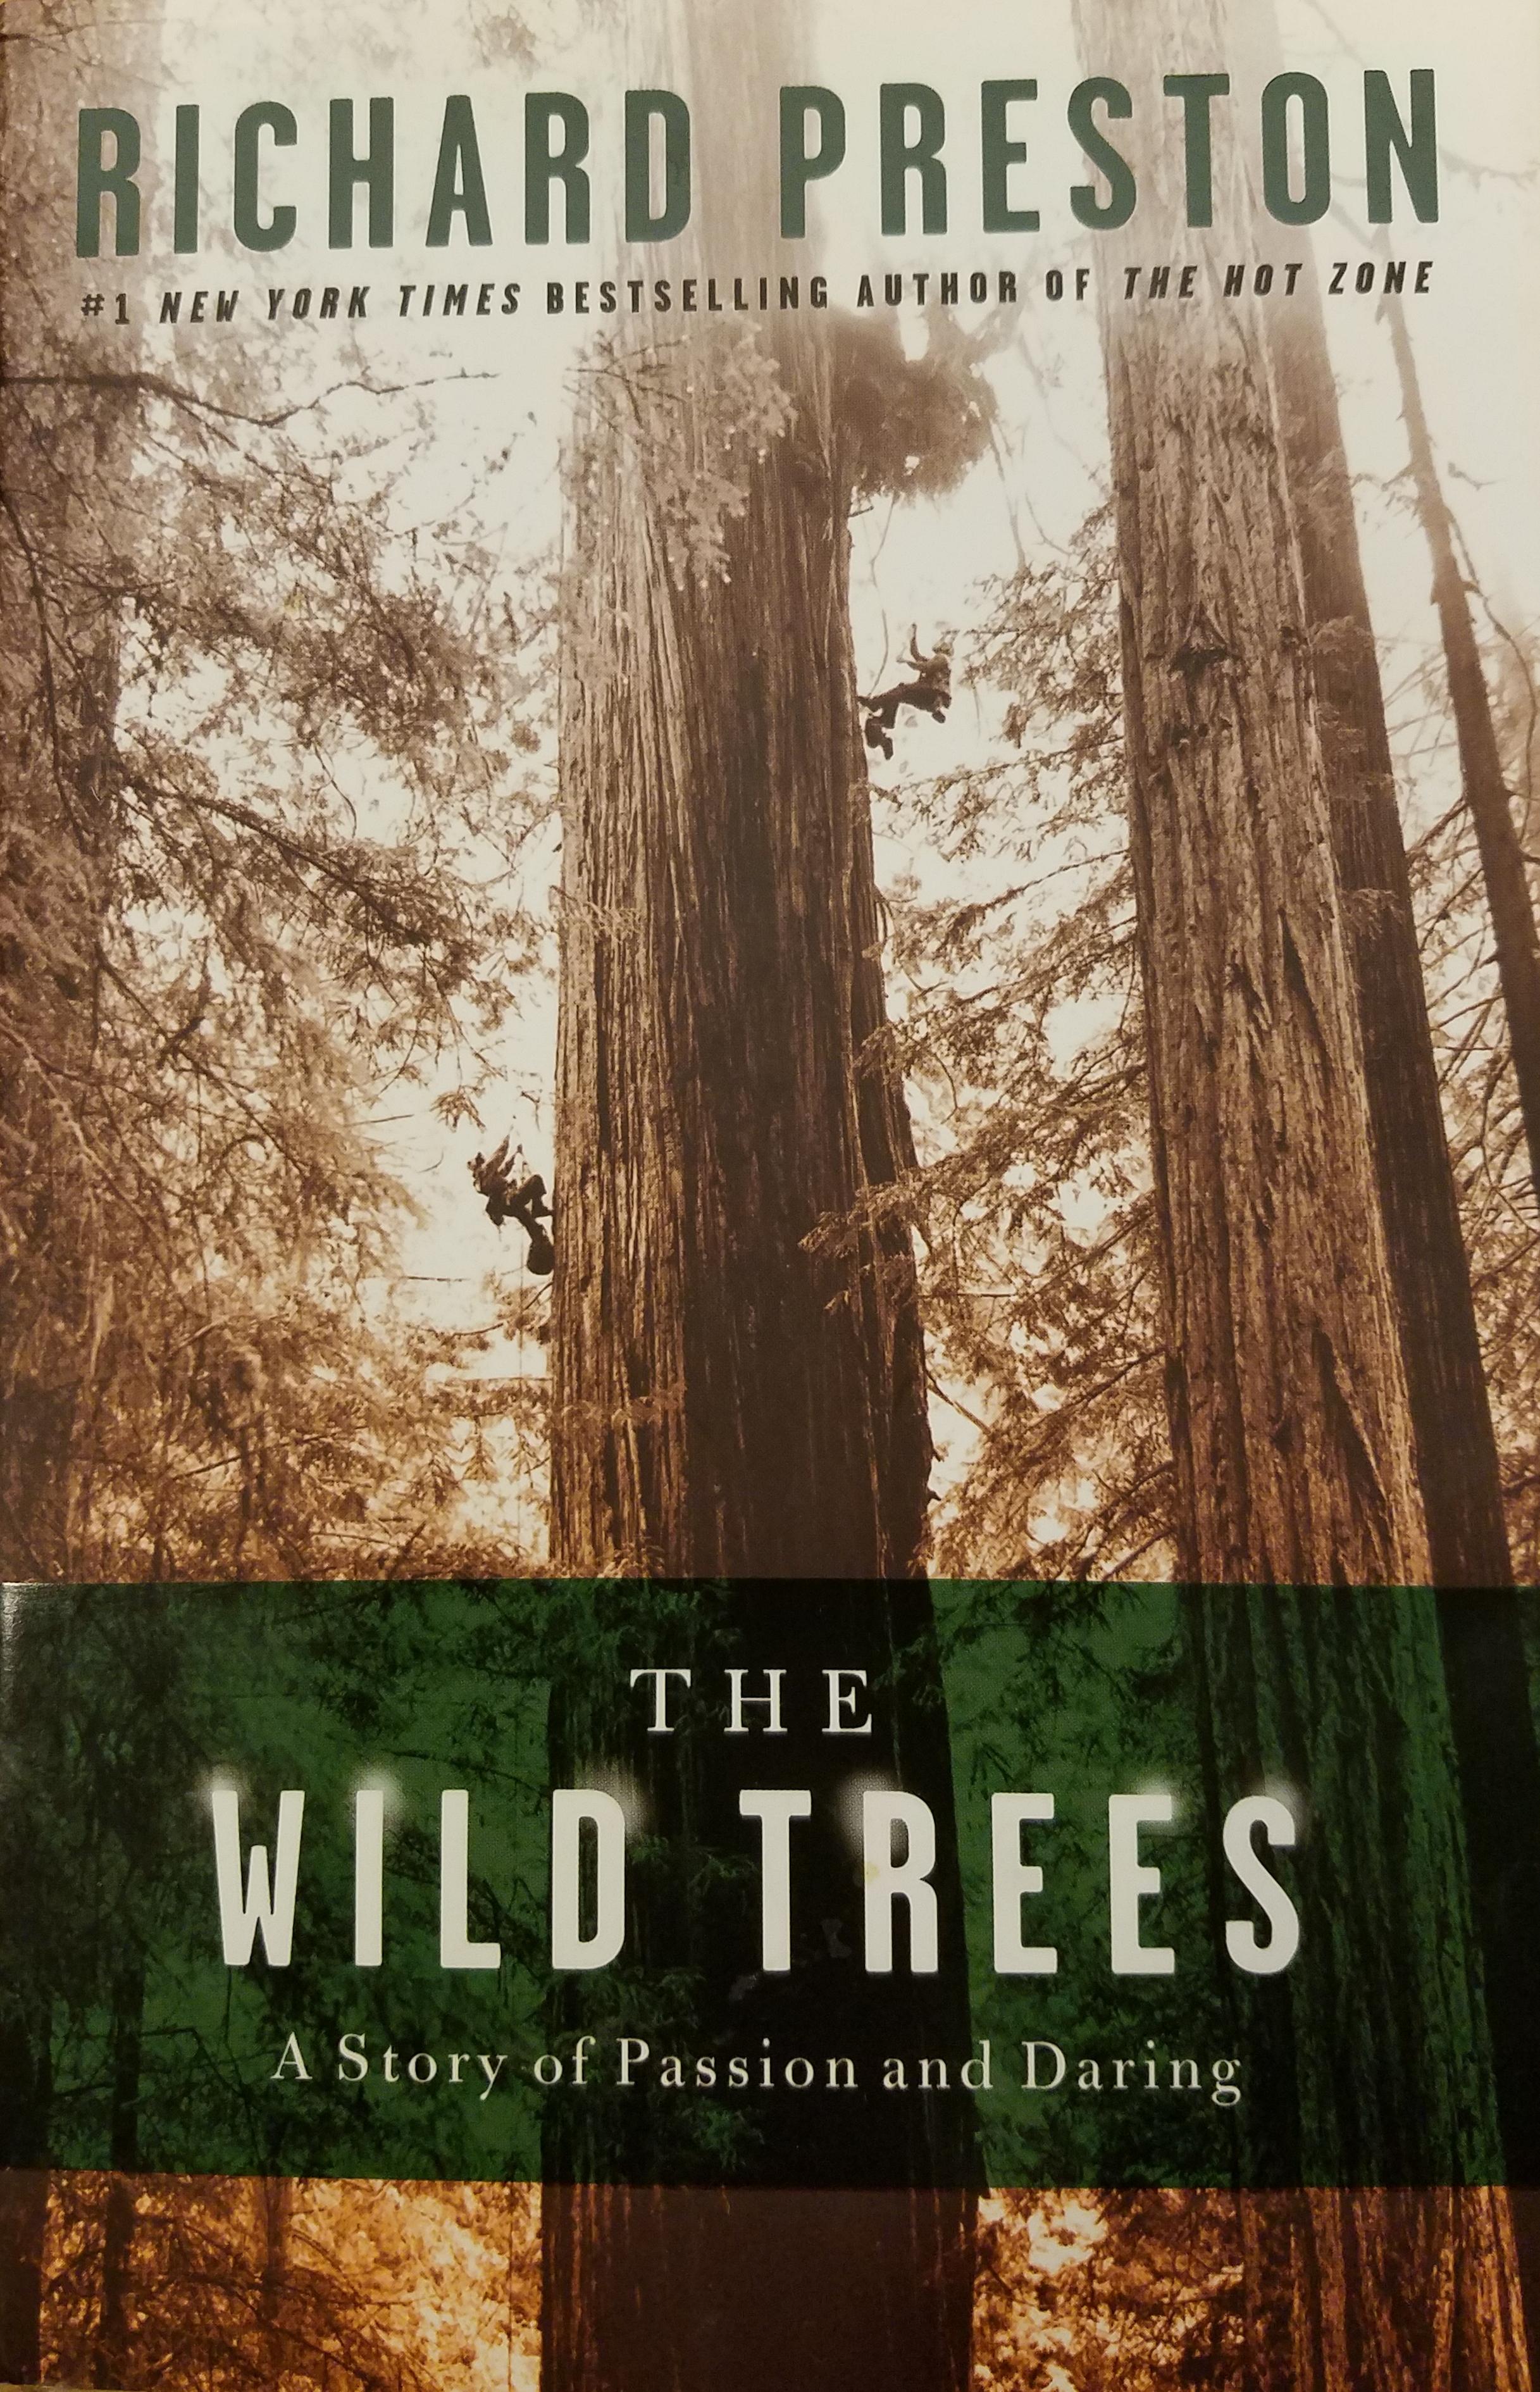 wildtrees.jpg